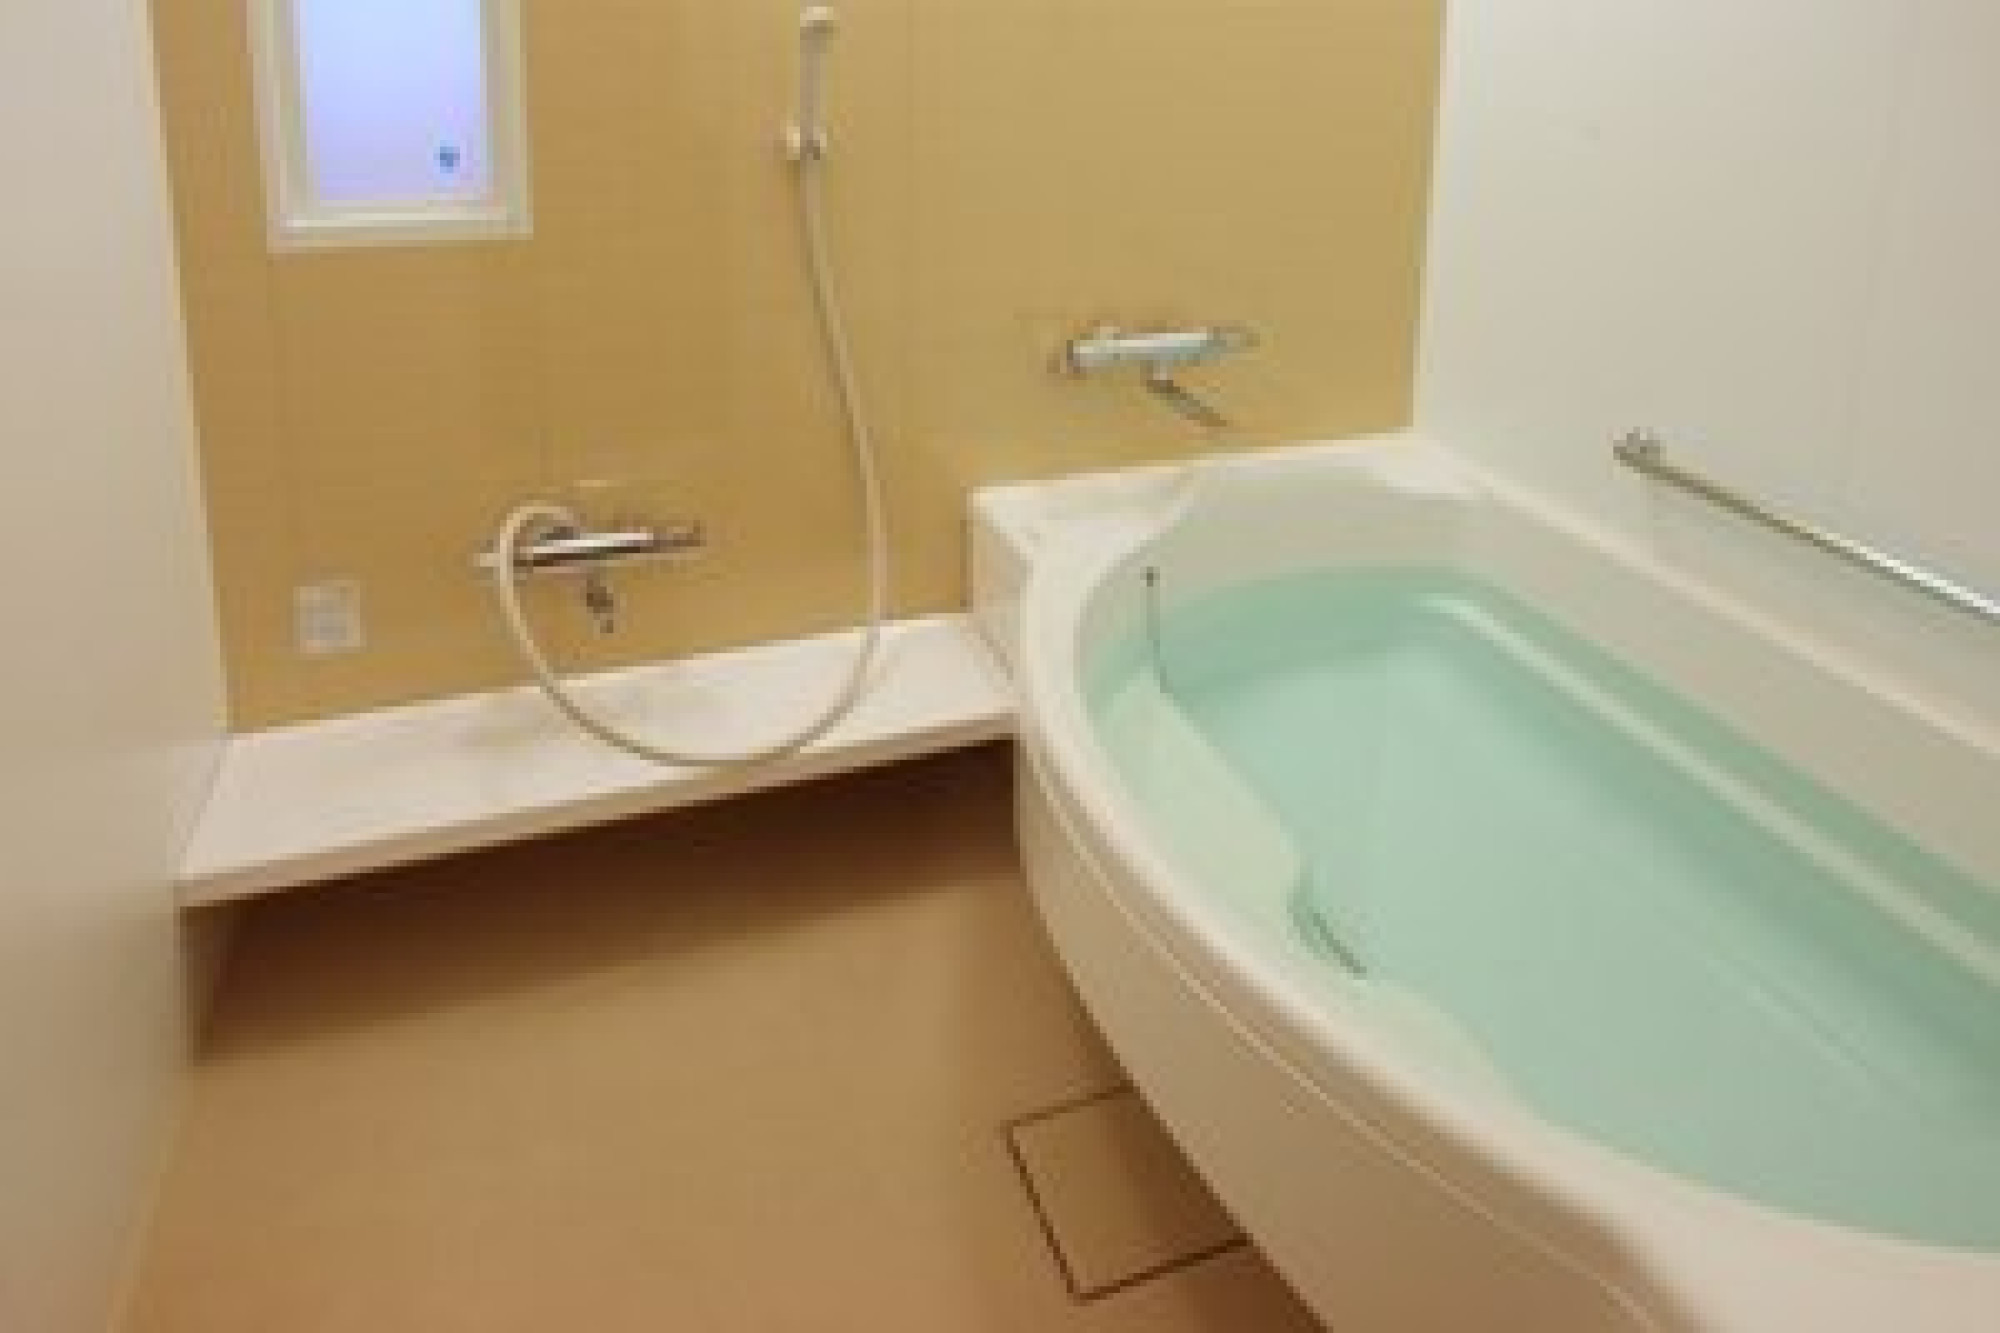 東京ベイ舞浜ホテルのバスルーム